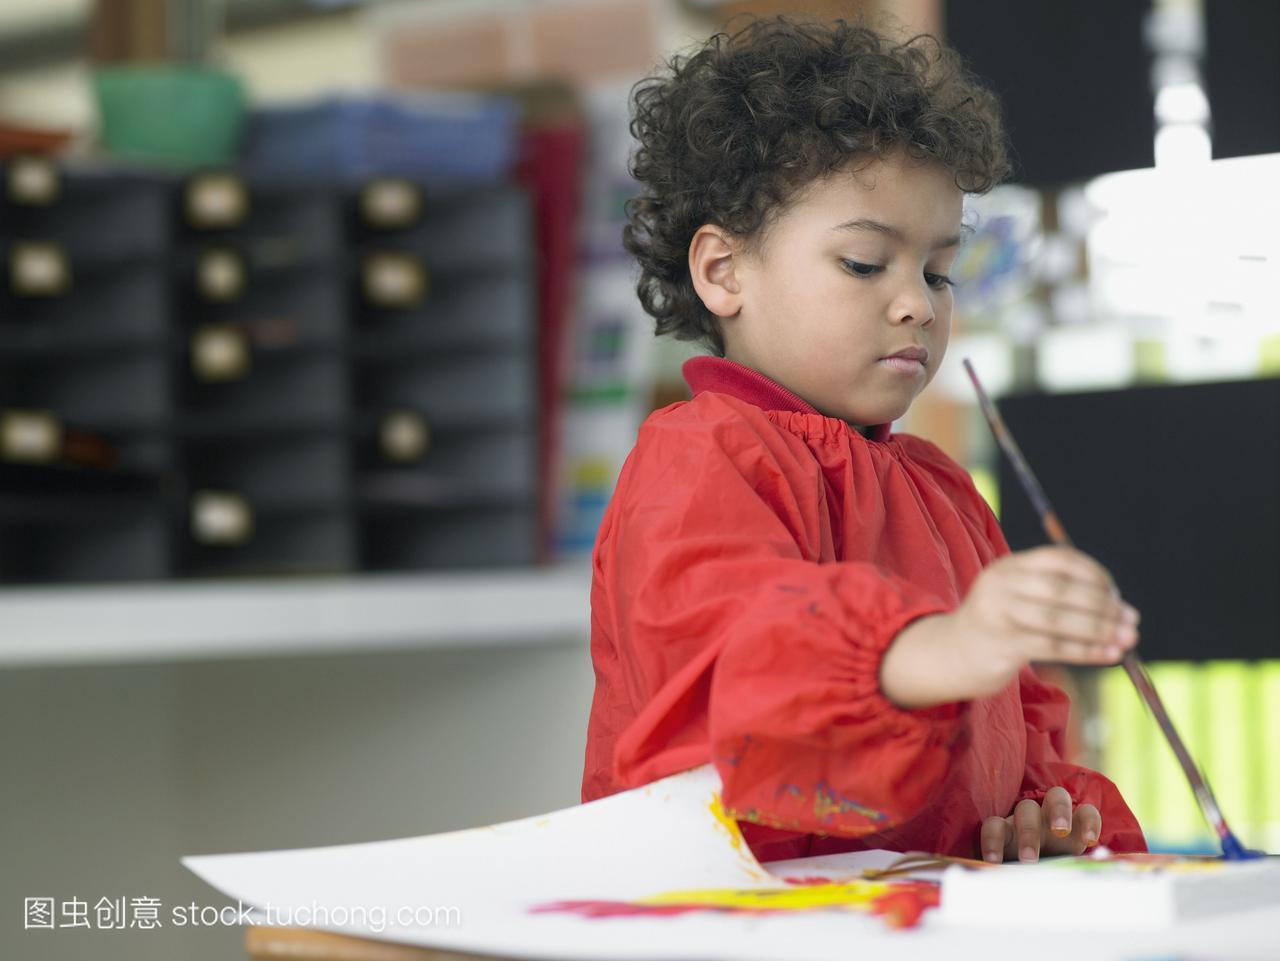 男孩,阶级,集中,专心,漆刷,专注,对焦,男人,刷子,